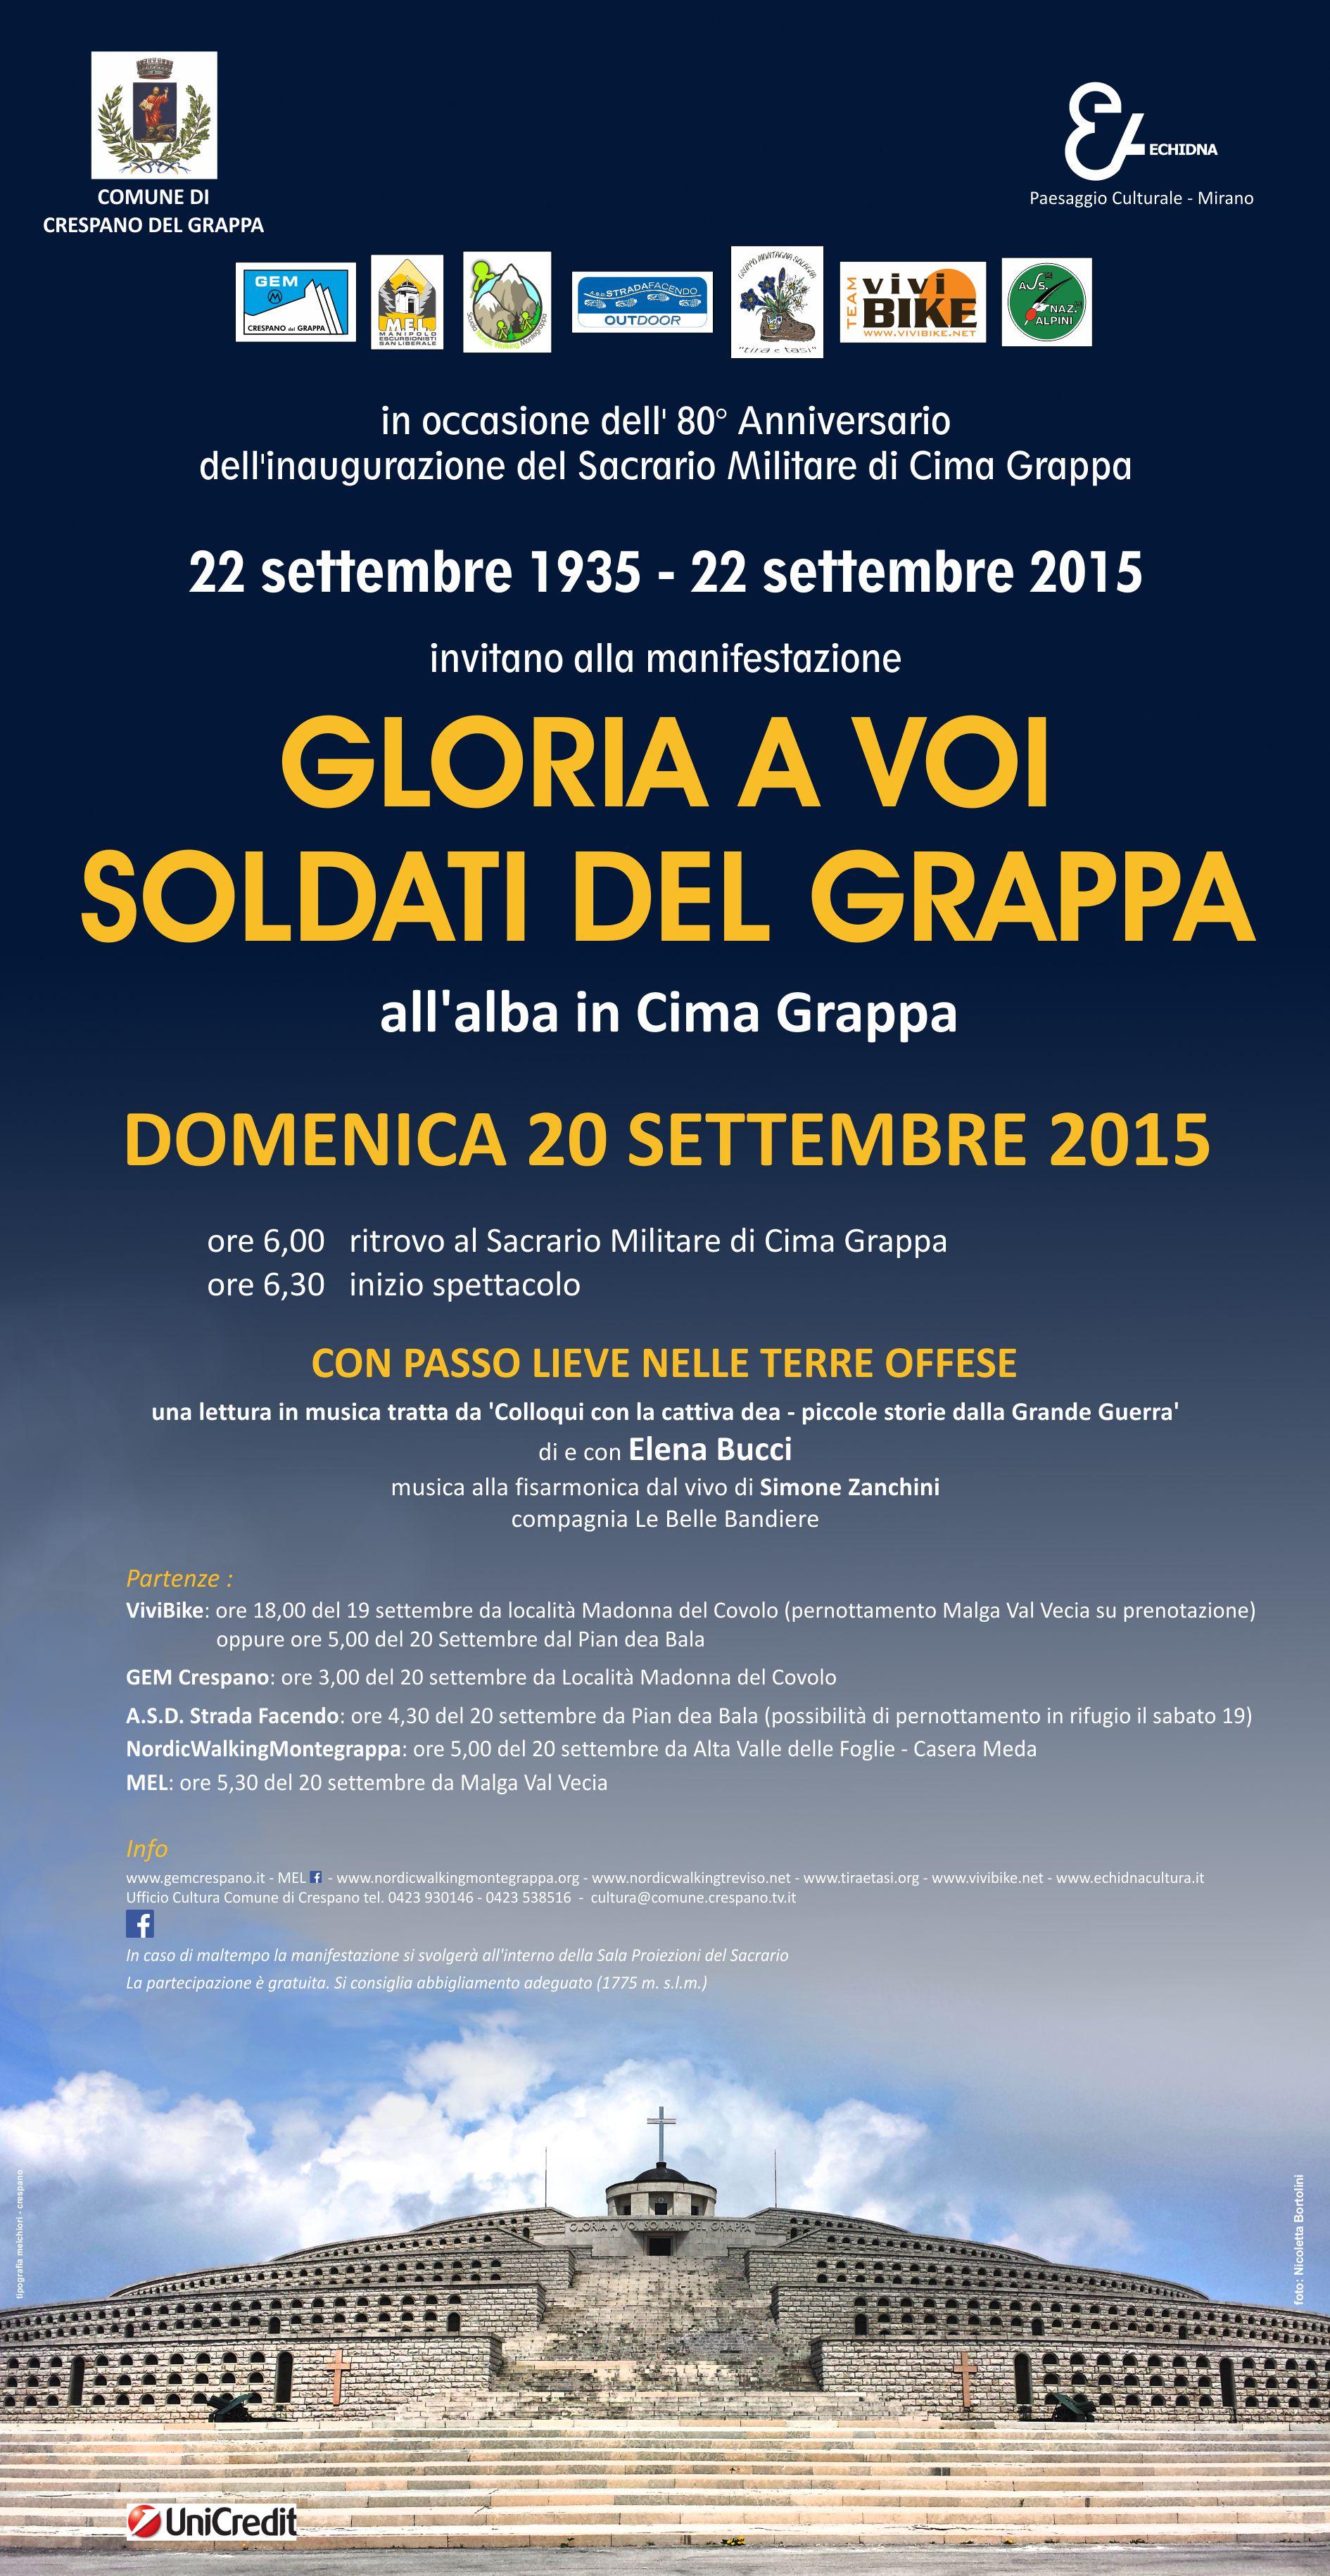 22 settembre 2015. Gloria a Voi Soldati del Grappa.